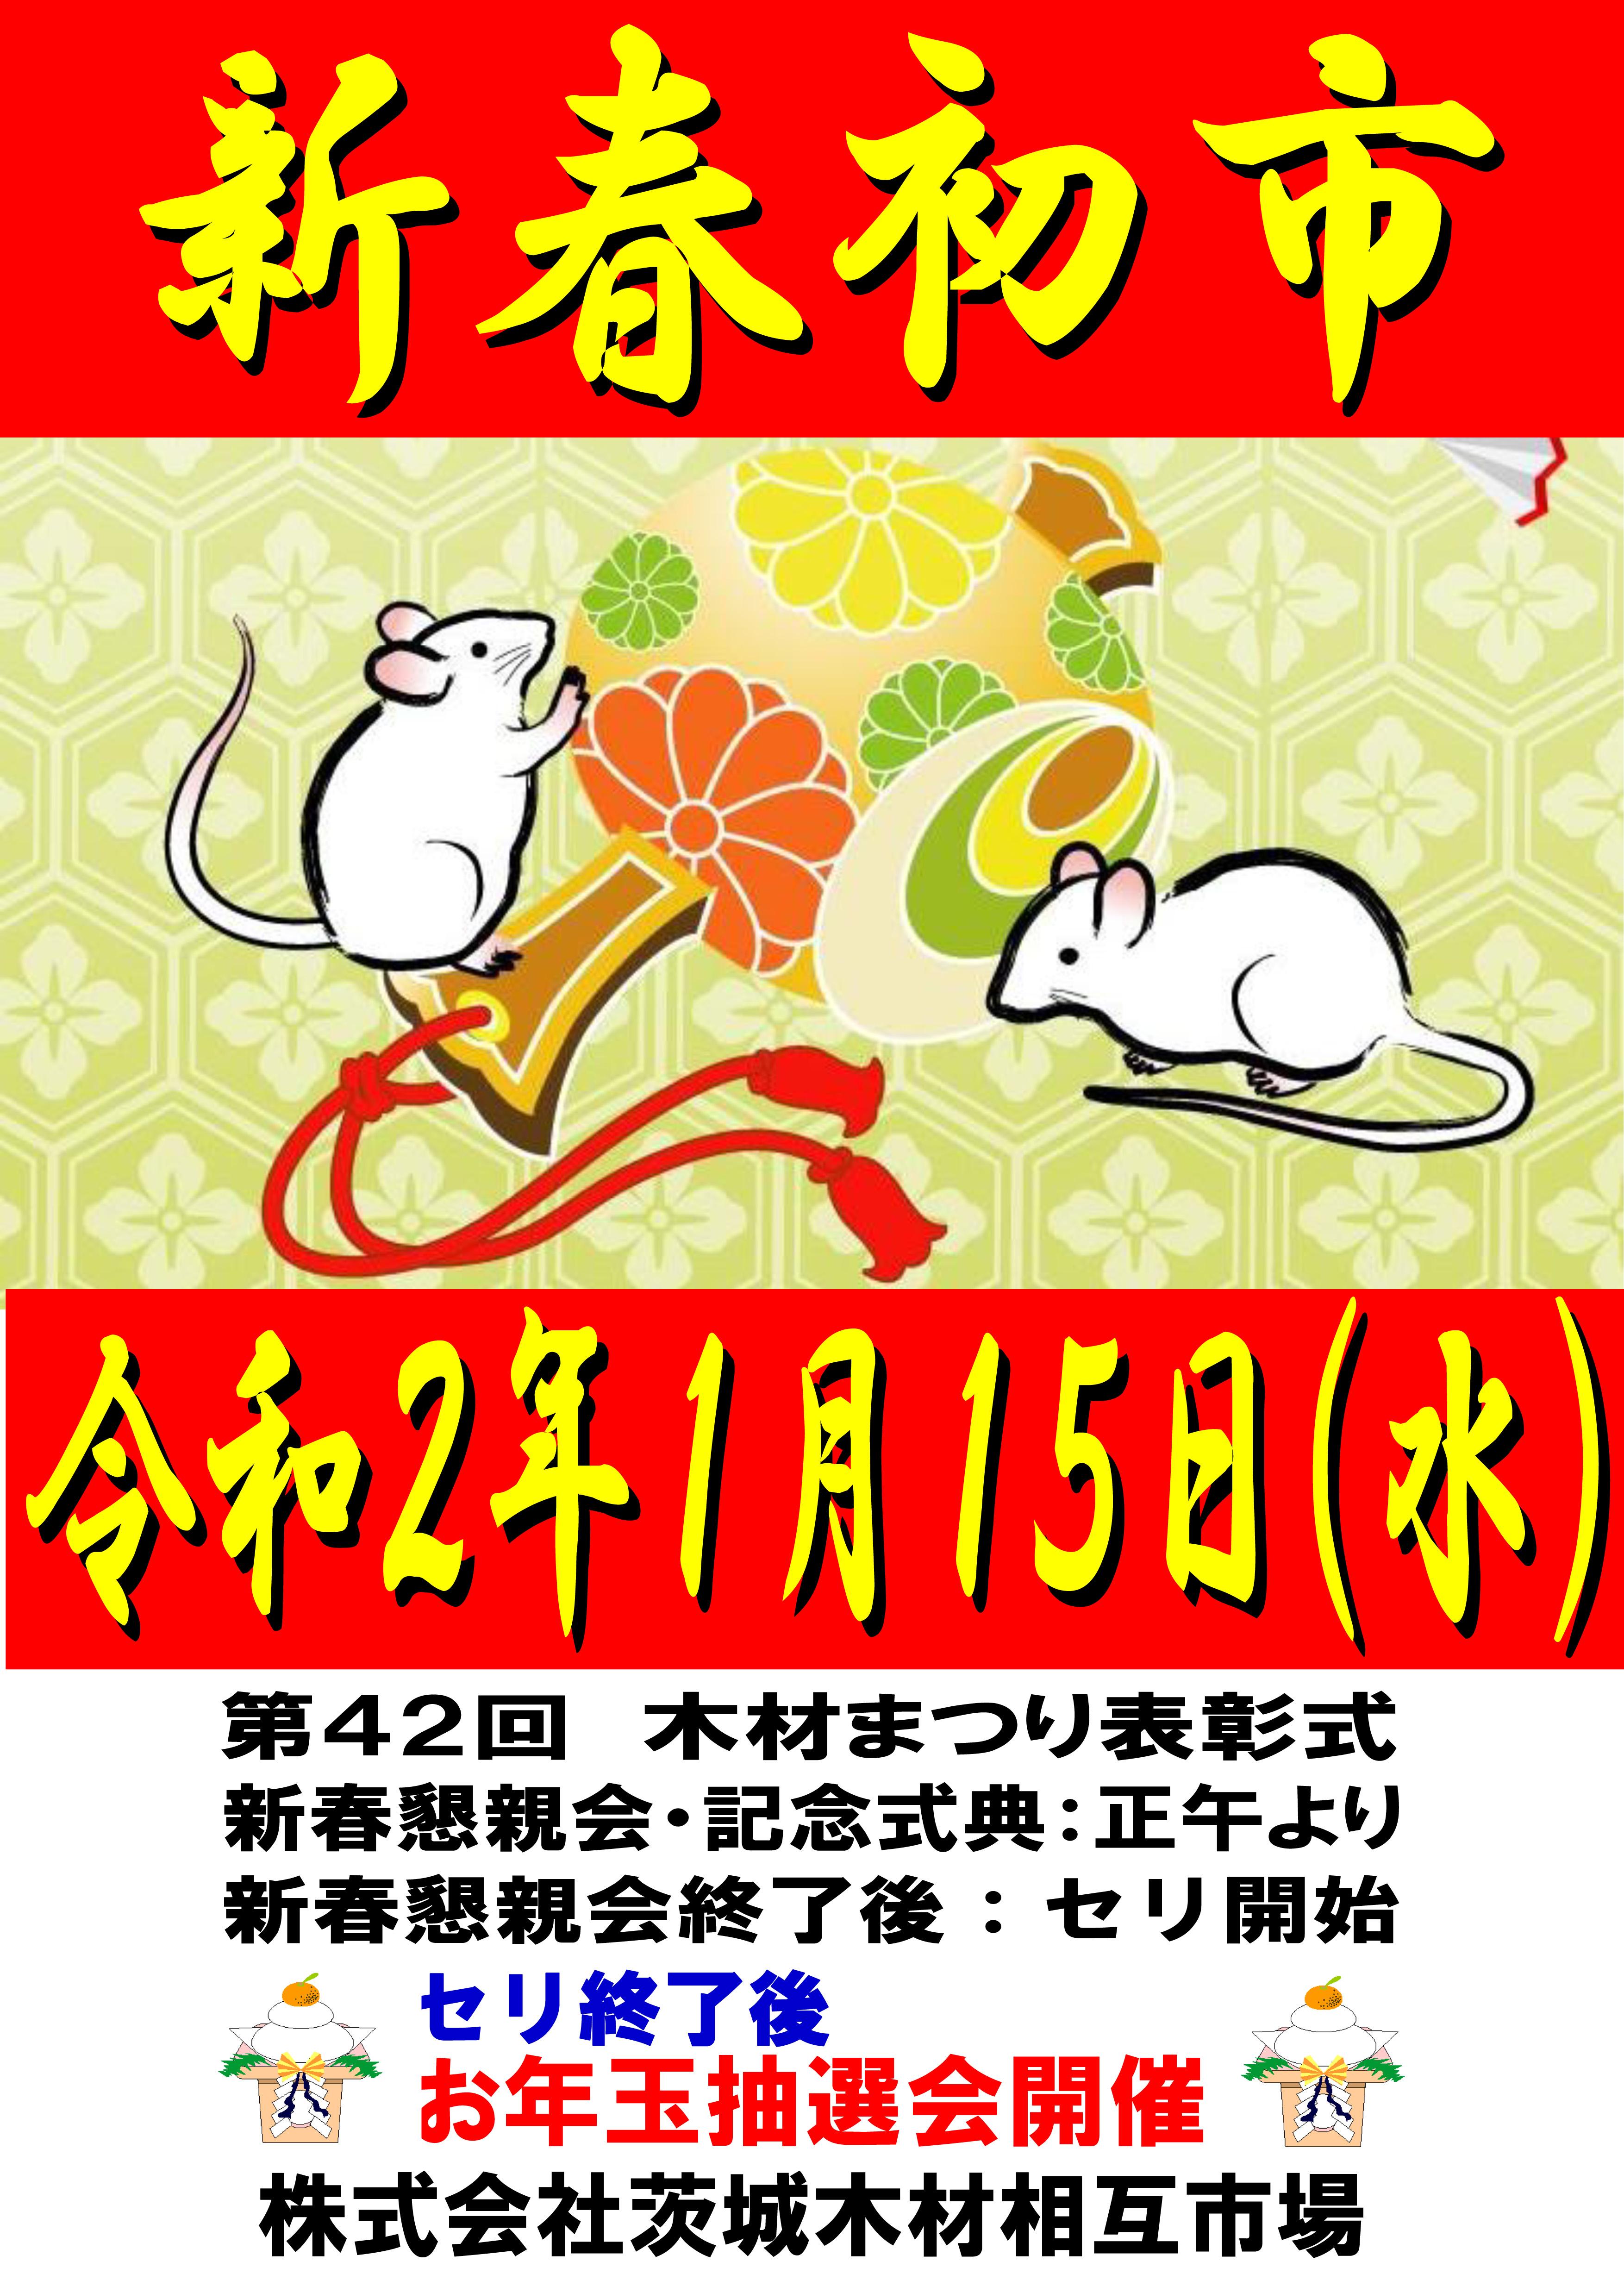 次回の記念市「新春初市」のお知らせ